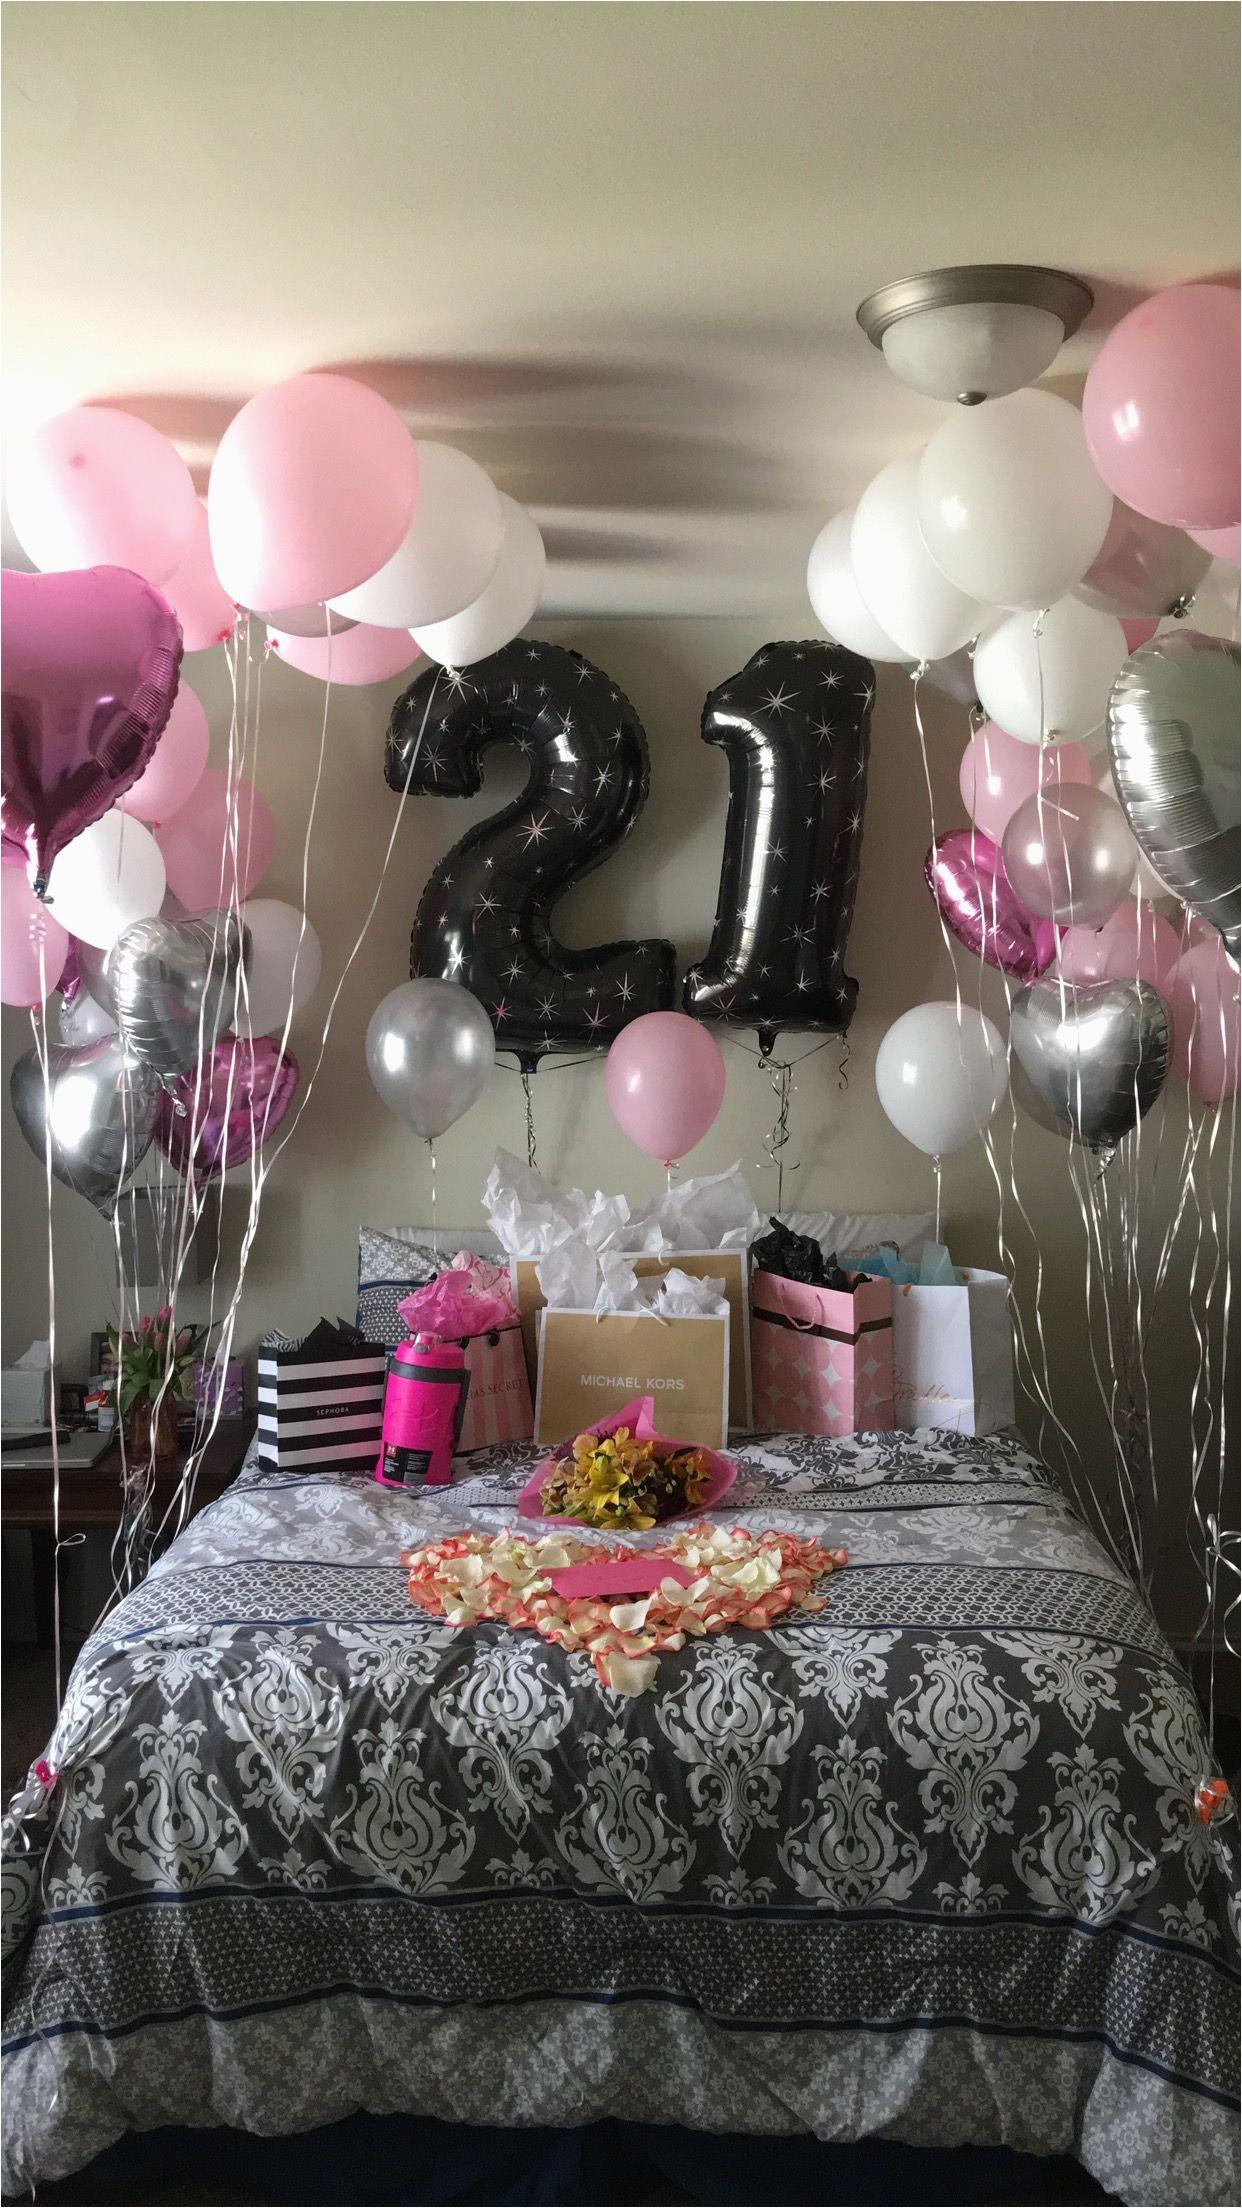 21st birthday surprise girlfriends birthday pinterest